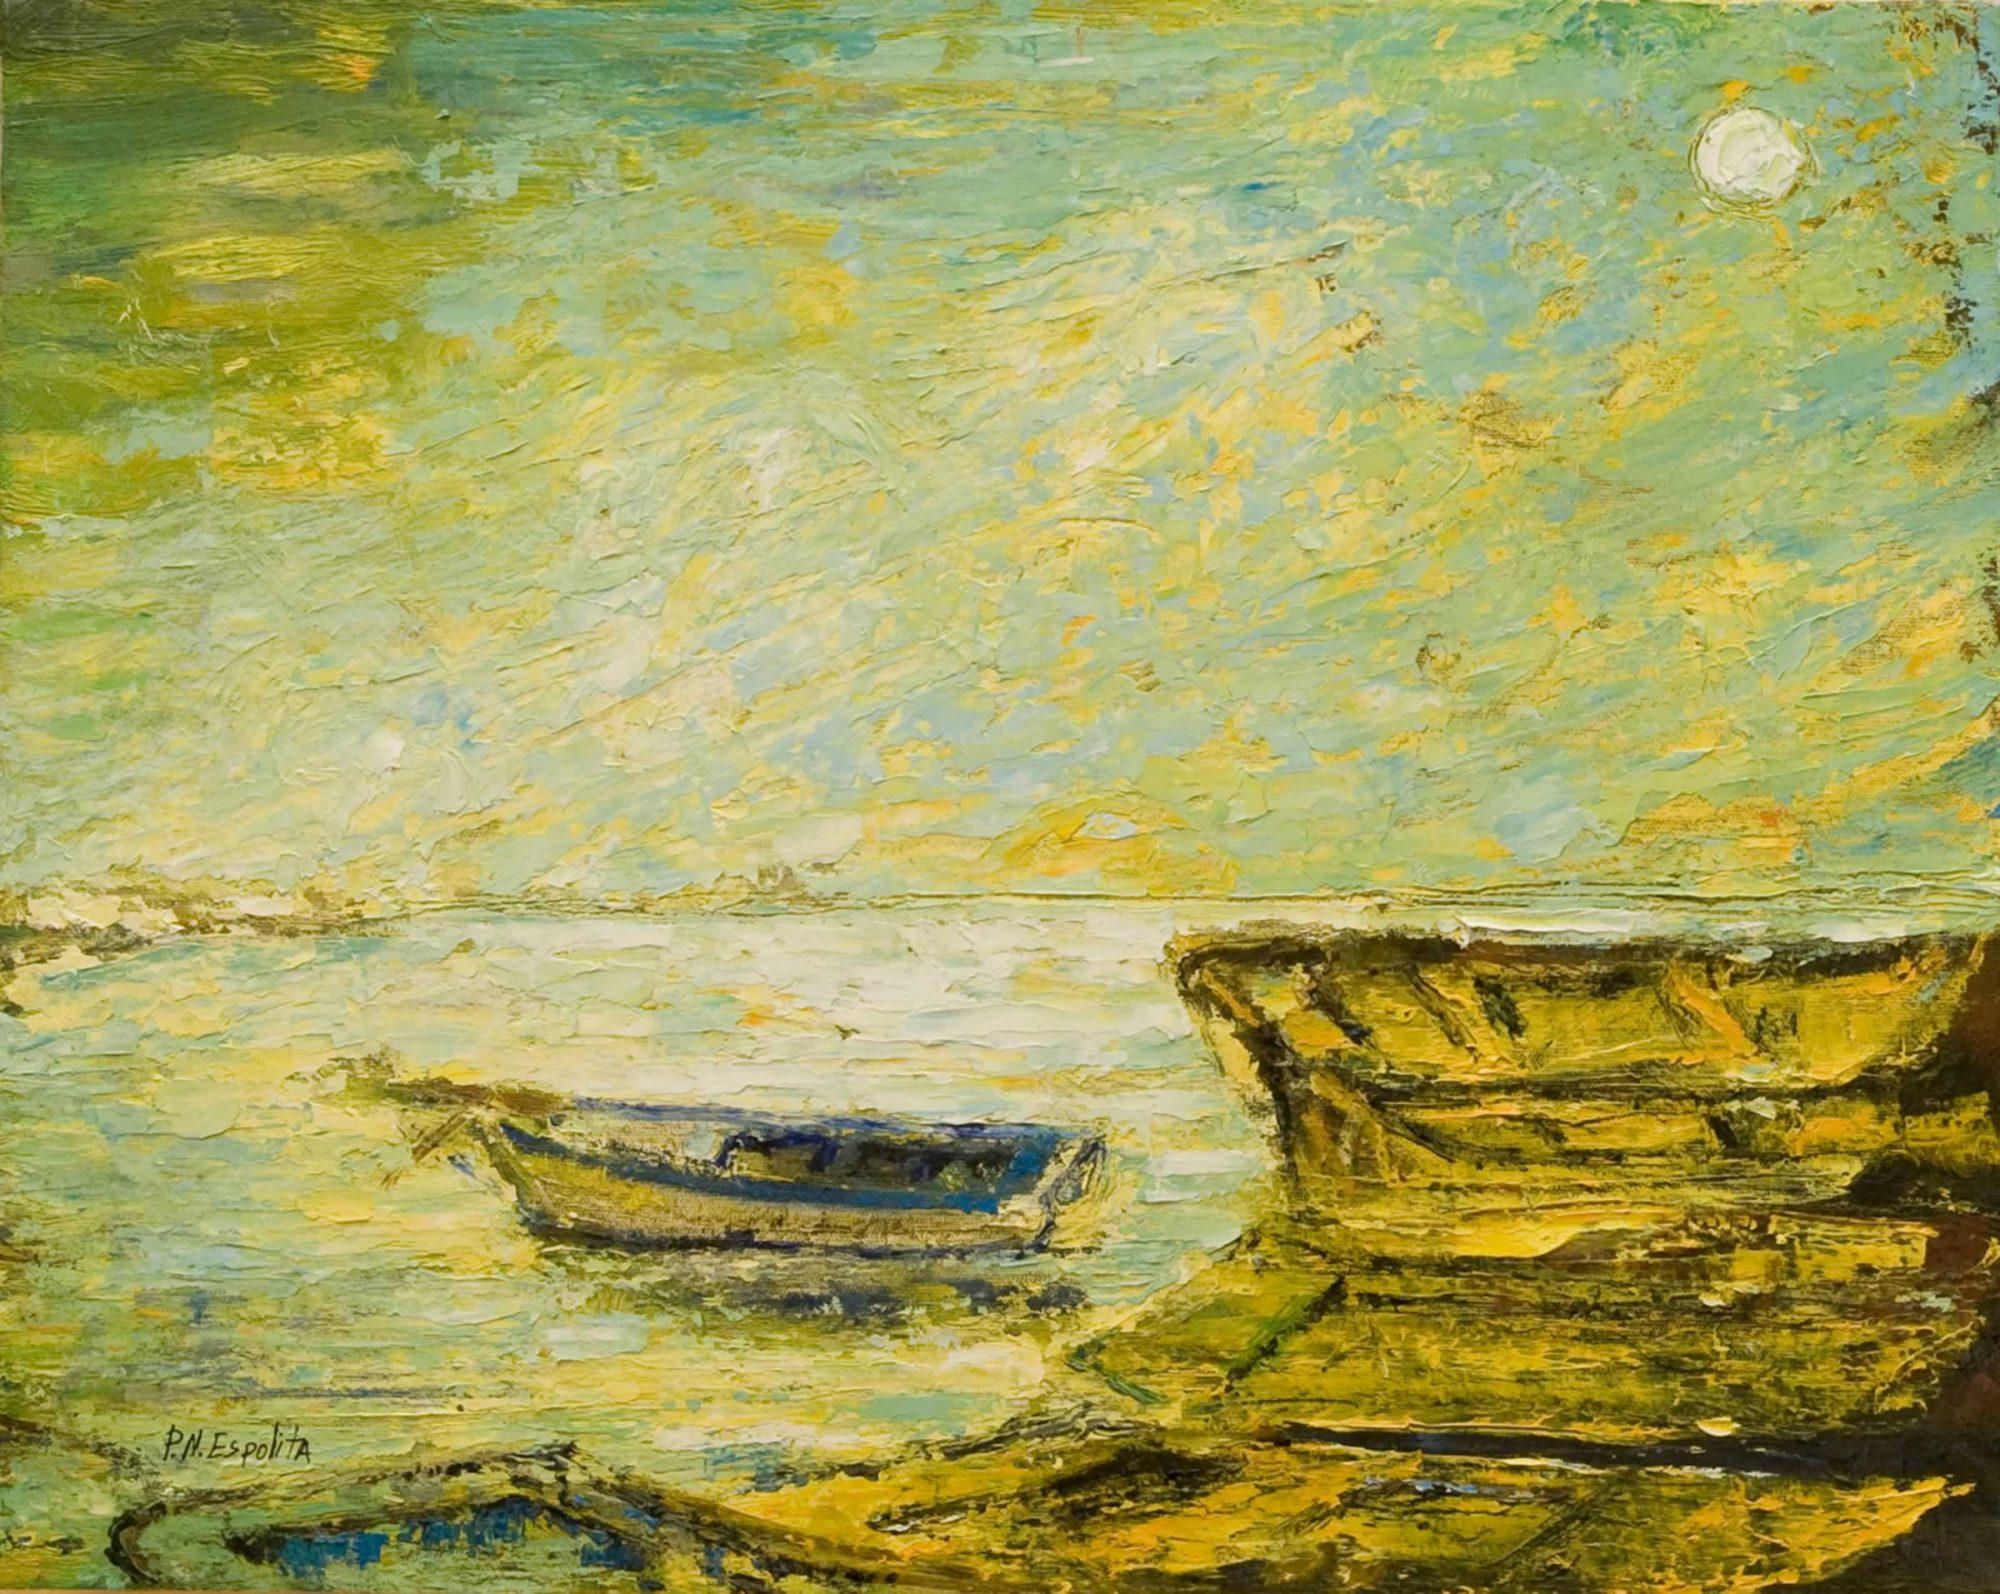 paisaje con barcas